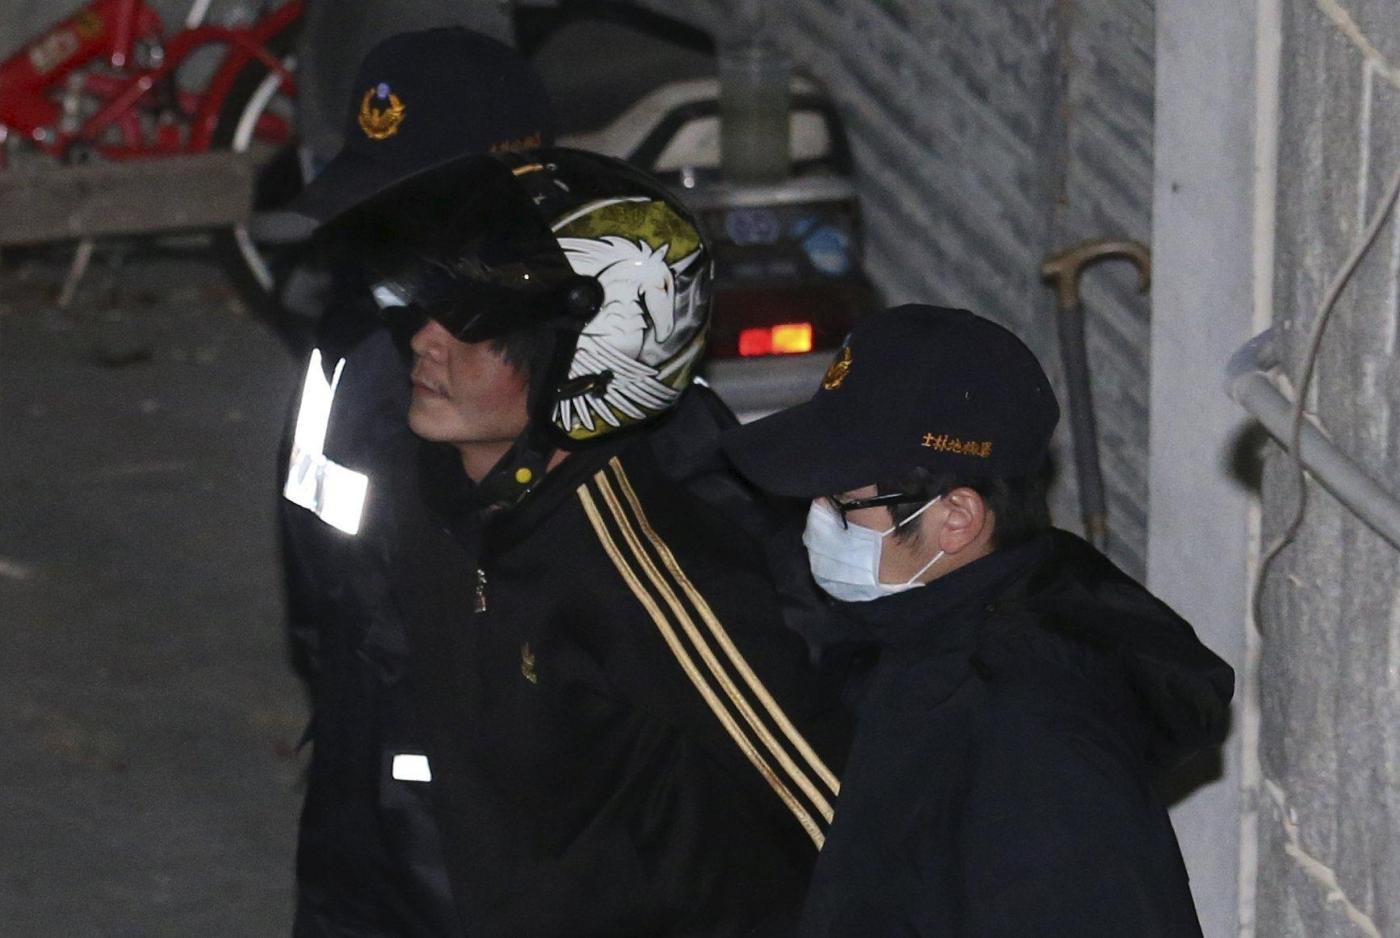 Taiwan, orrore a Taipei, bimba di 3 anni decapitata in strada